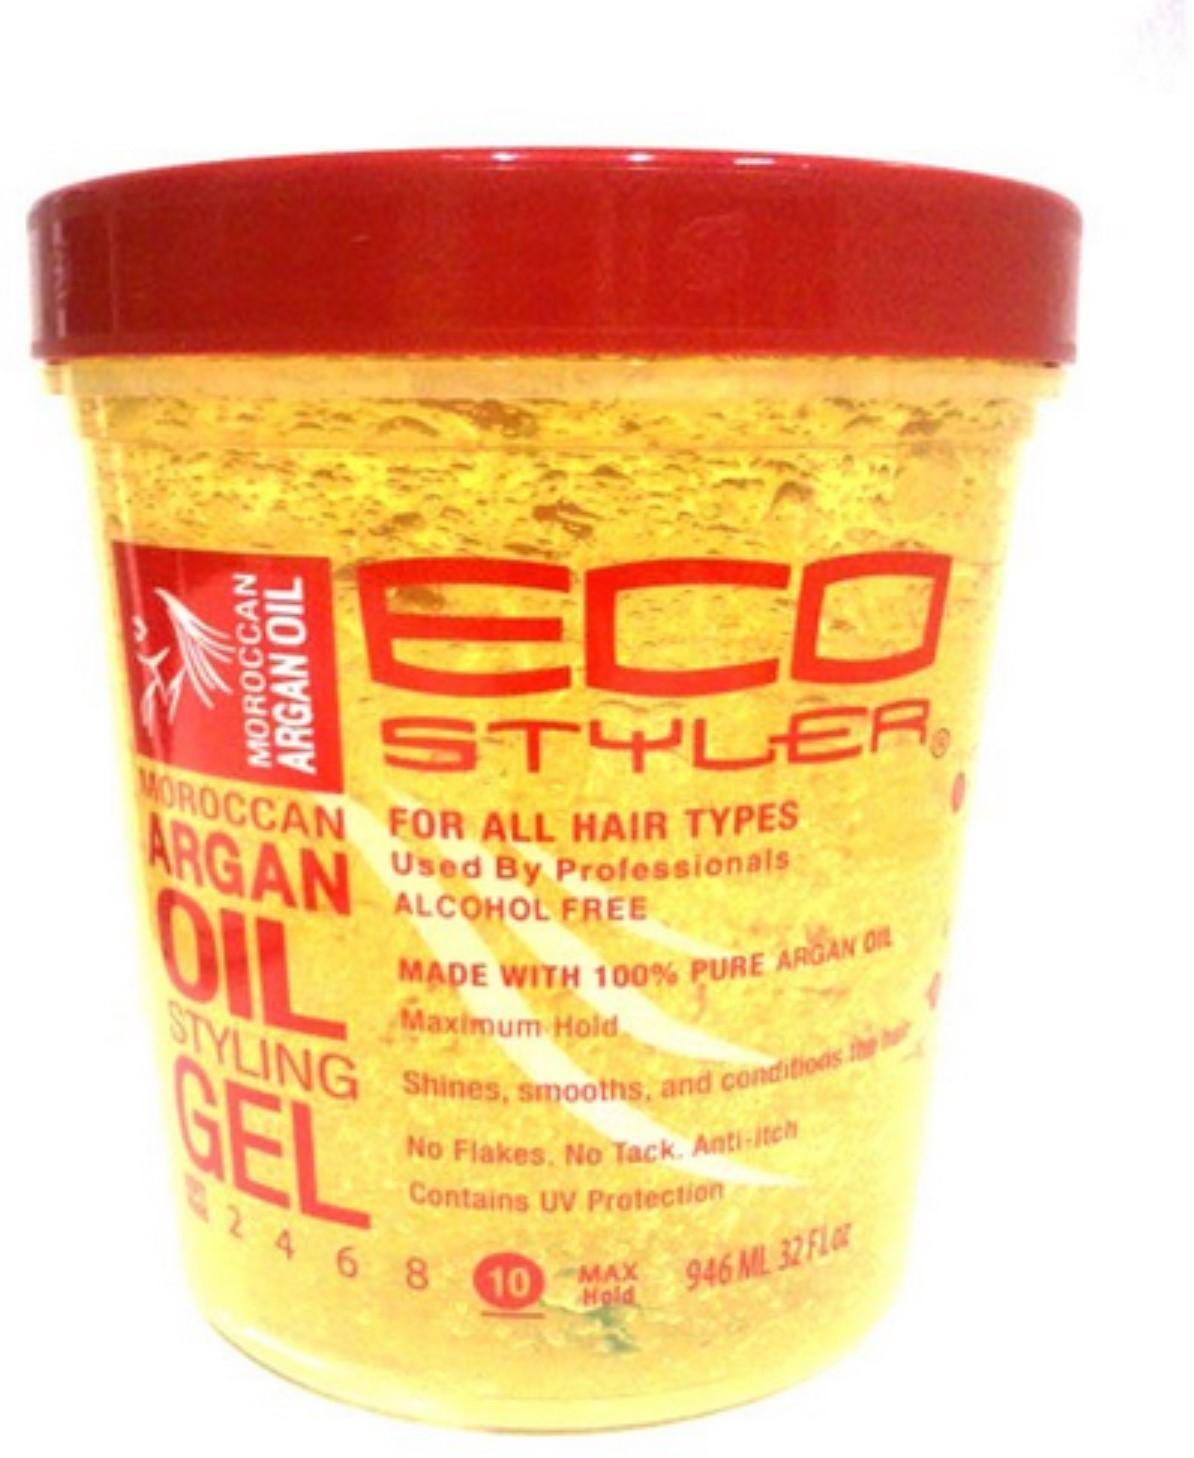 Ecoco Ecostyler Styling Gel Moroccan Argan Oil 32 Oz Walmart